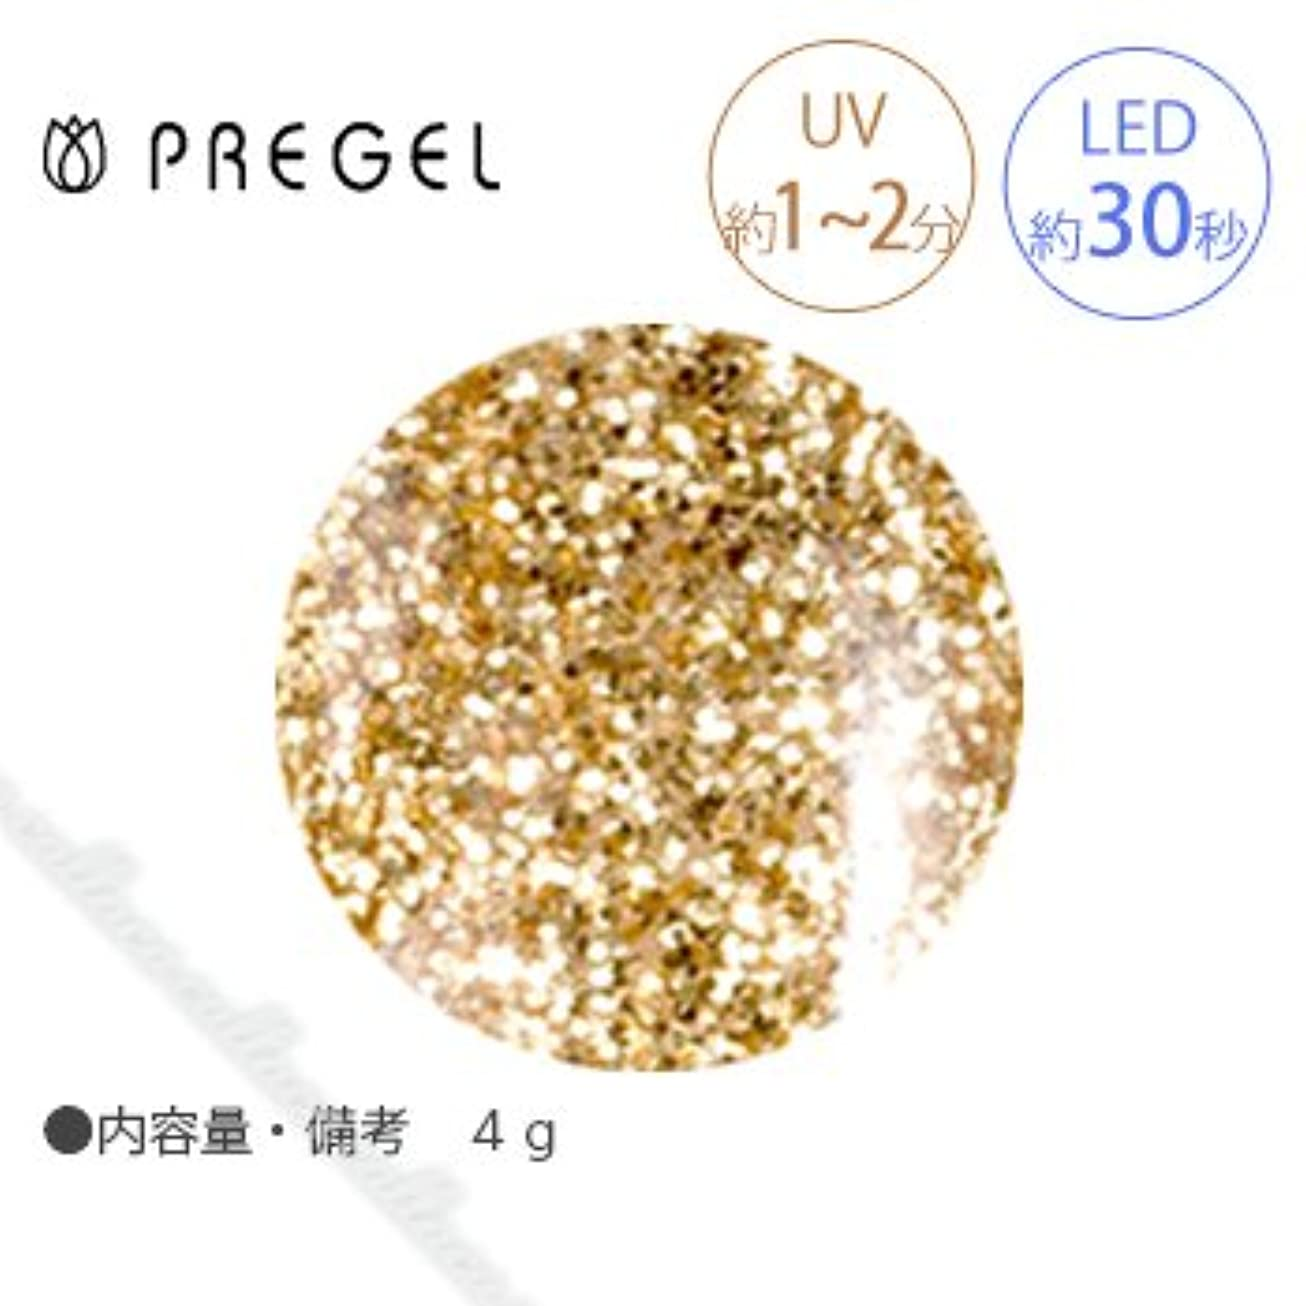 条件付き増加する共和国【PREGEL】 プリジェル カラーEX ダイヤモンドシリーズ ダイヤモンドブロンズ PG-CE402 4g